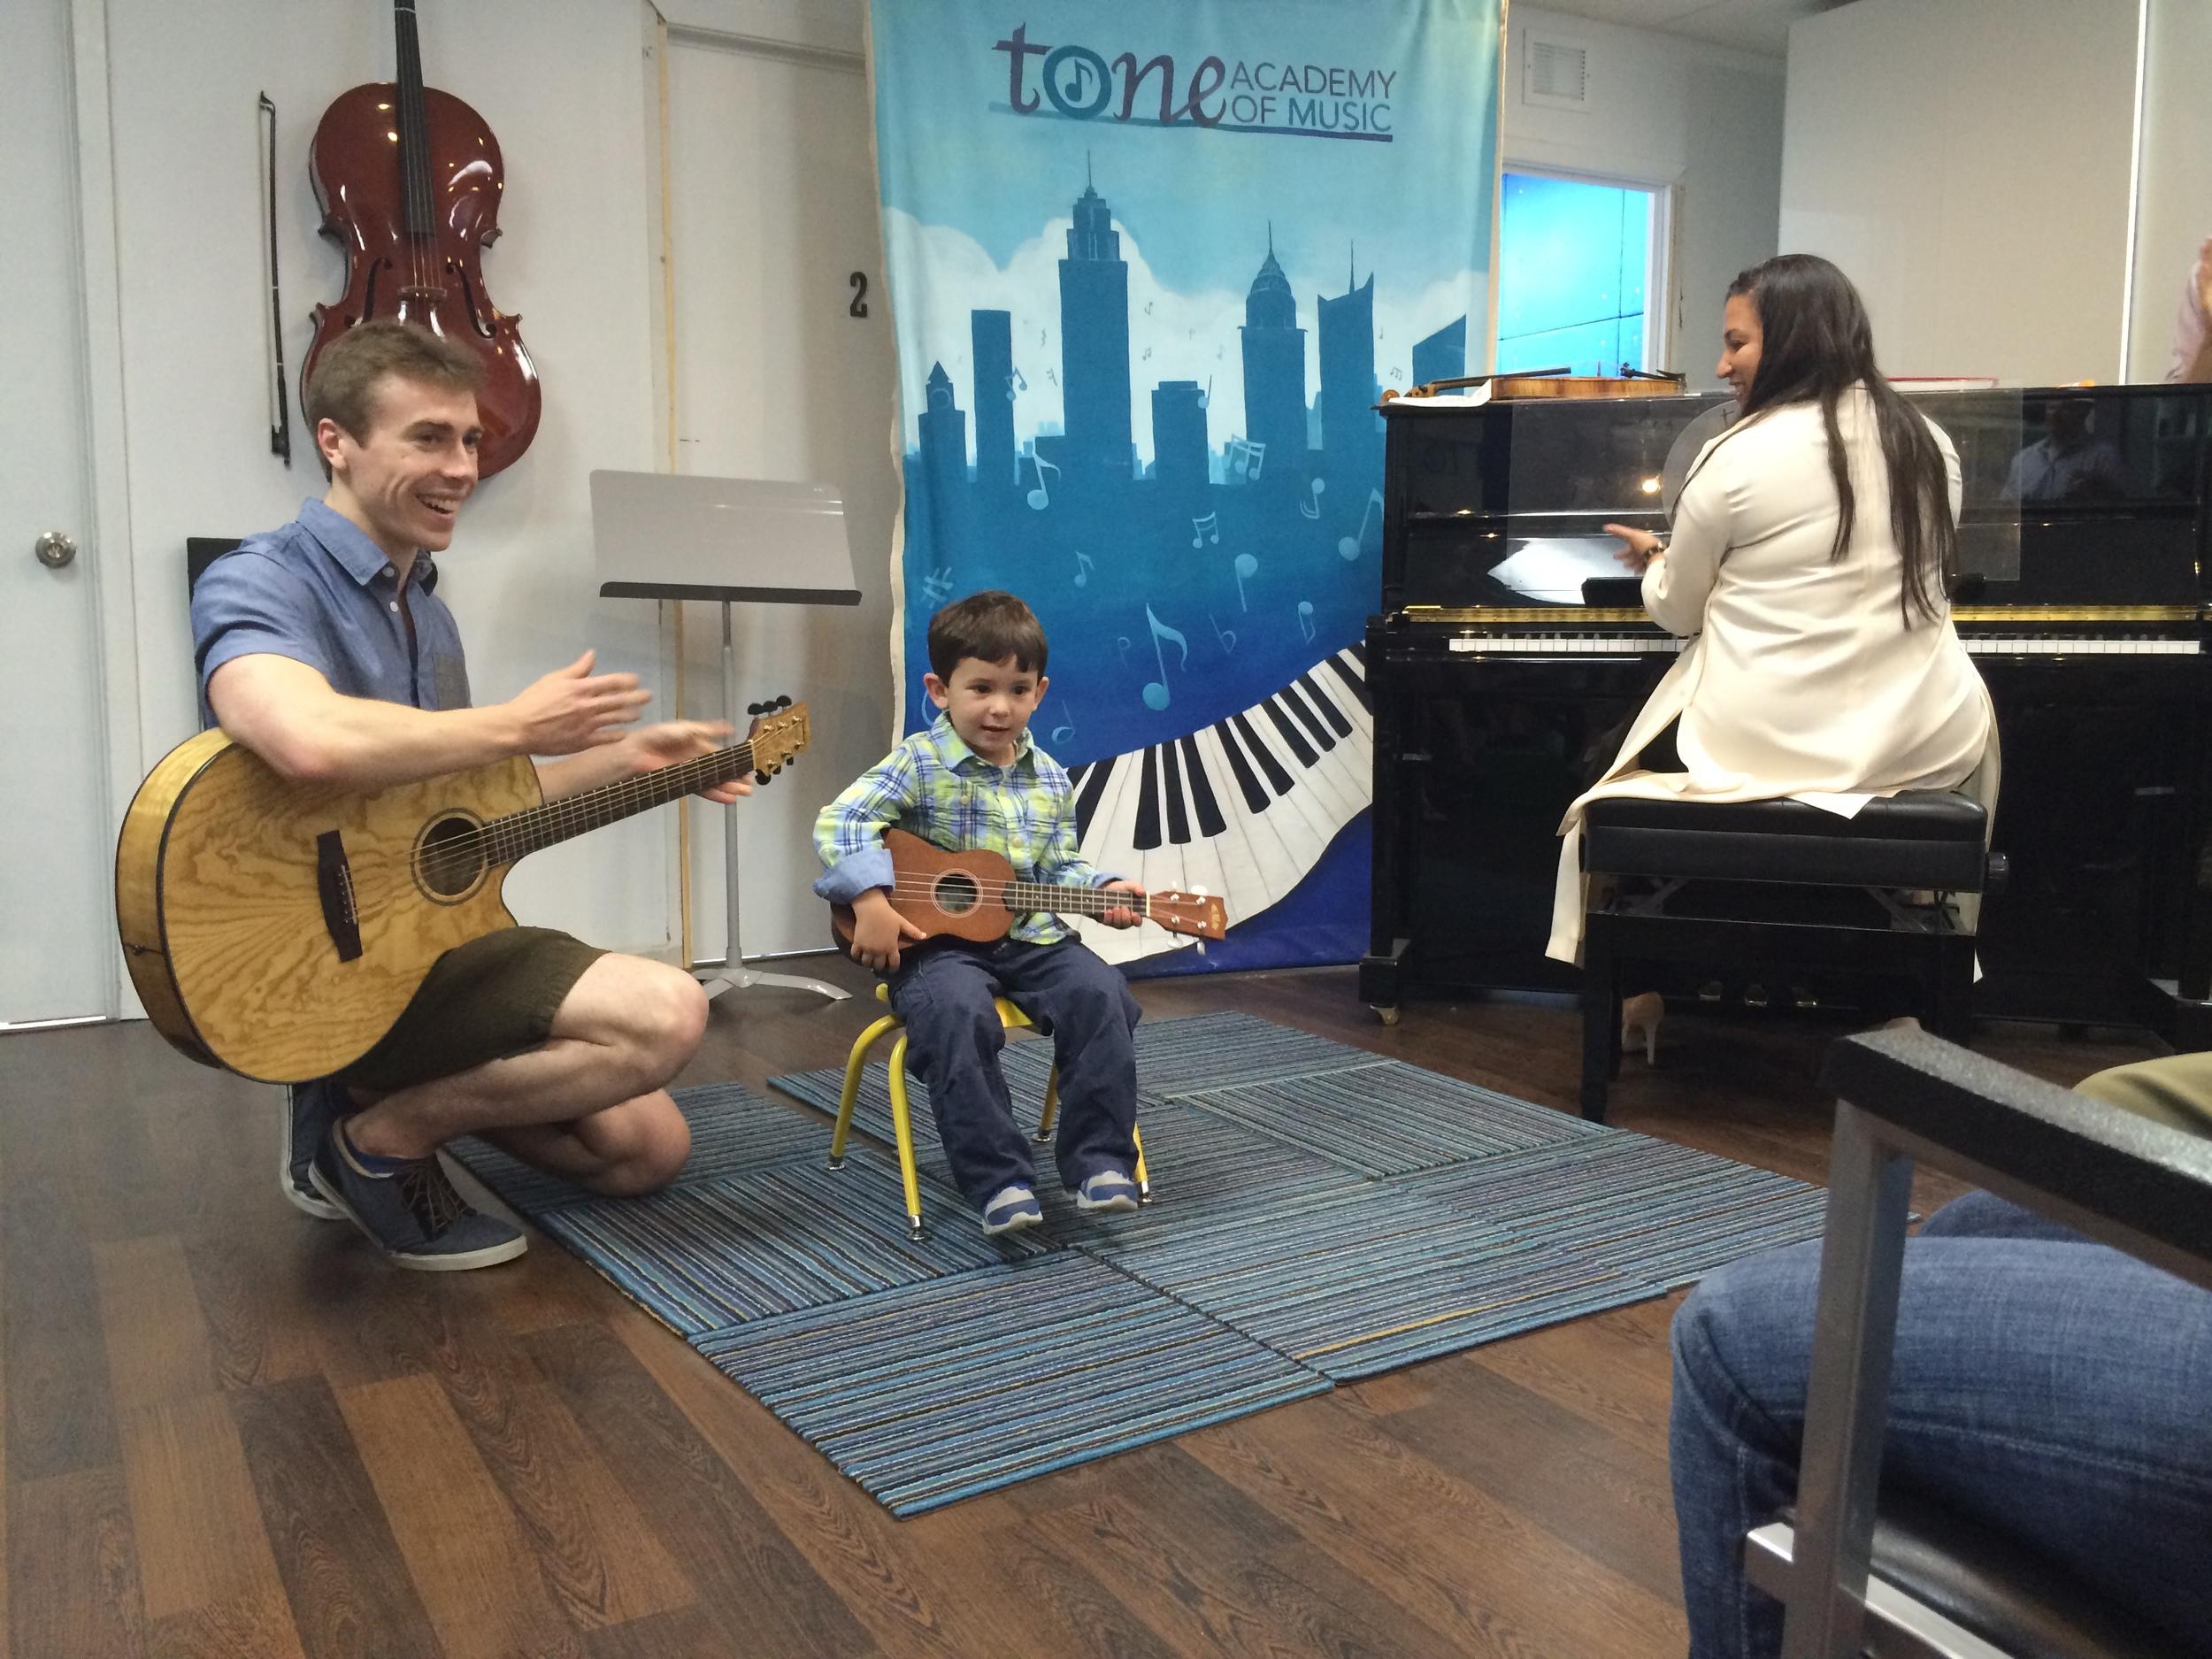 tone-academy-of-music-nyc-suzuki-guitar-2.JPG